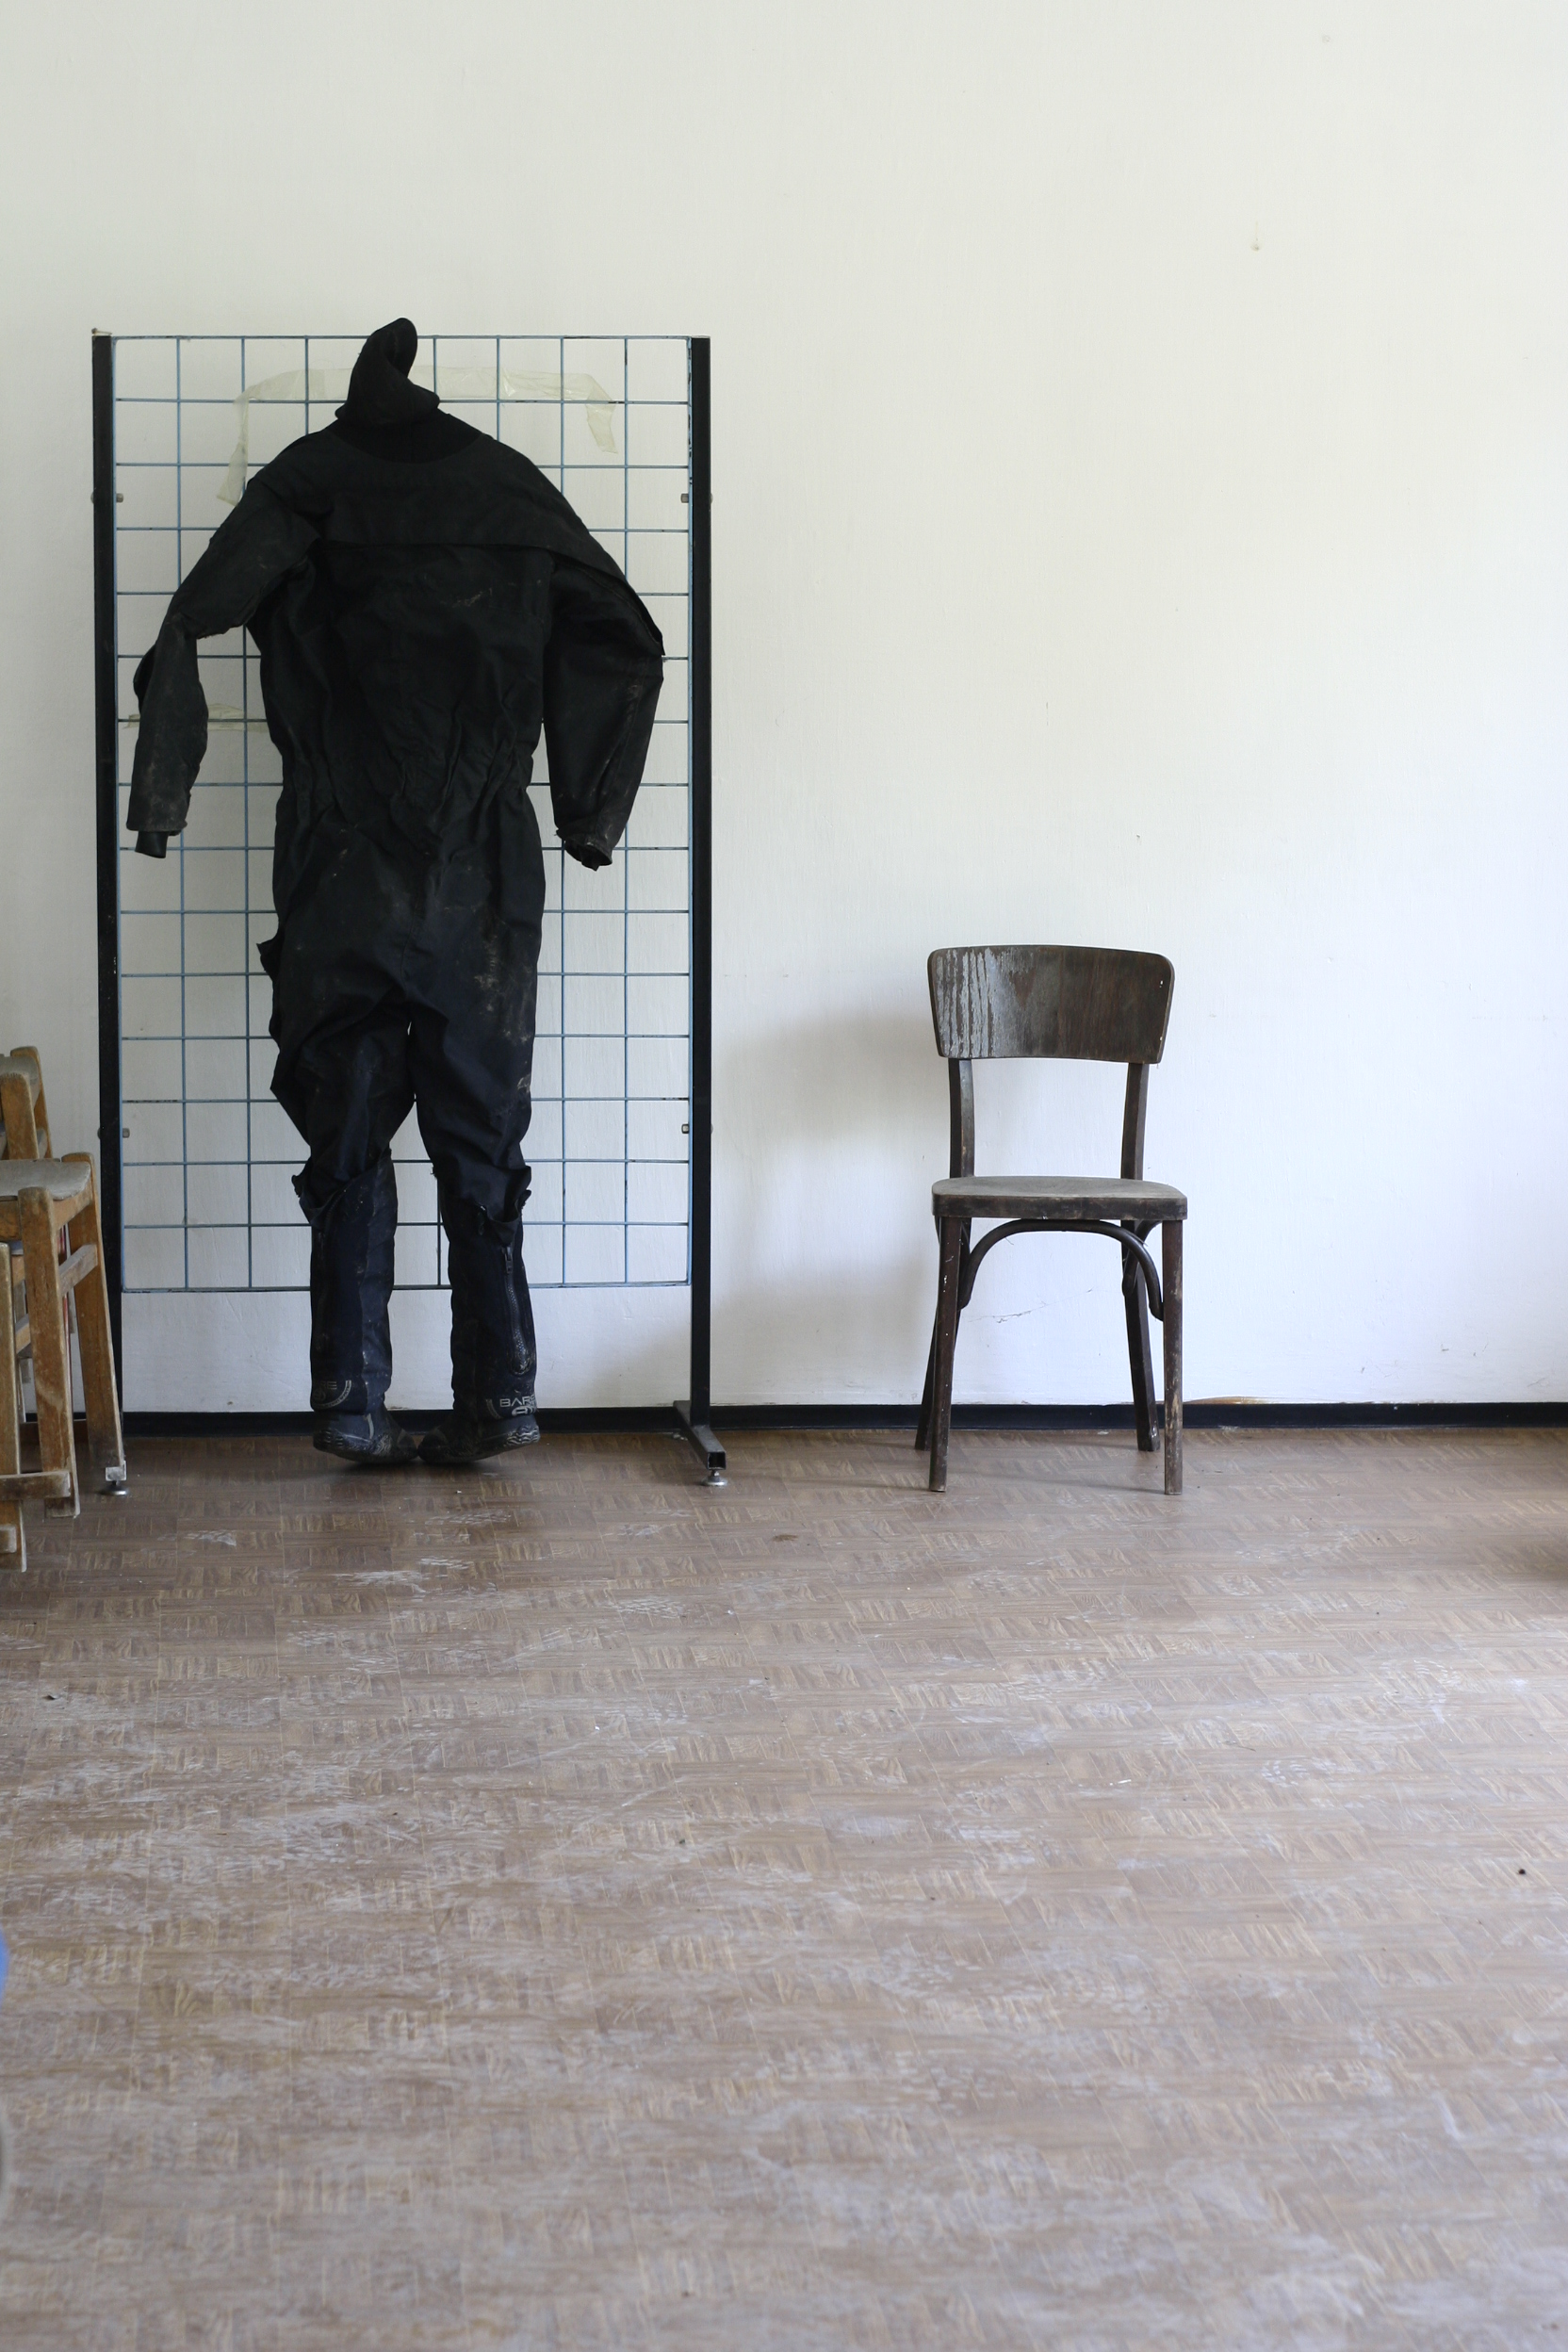 Előadóterem, székek vászon és jöhetnek a vendégek!